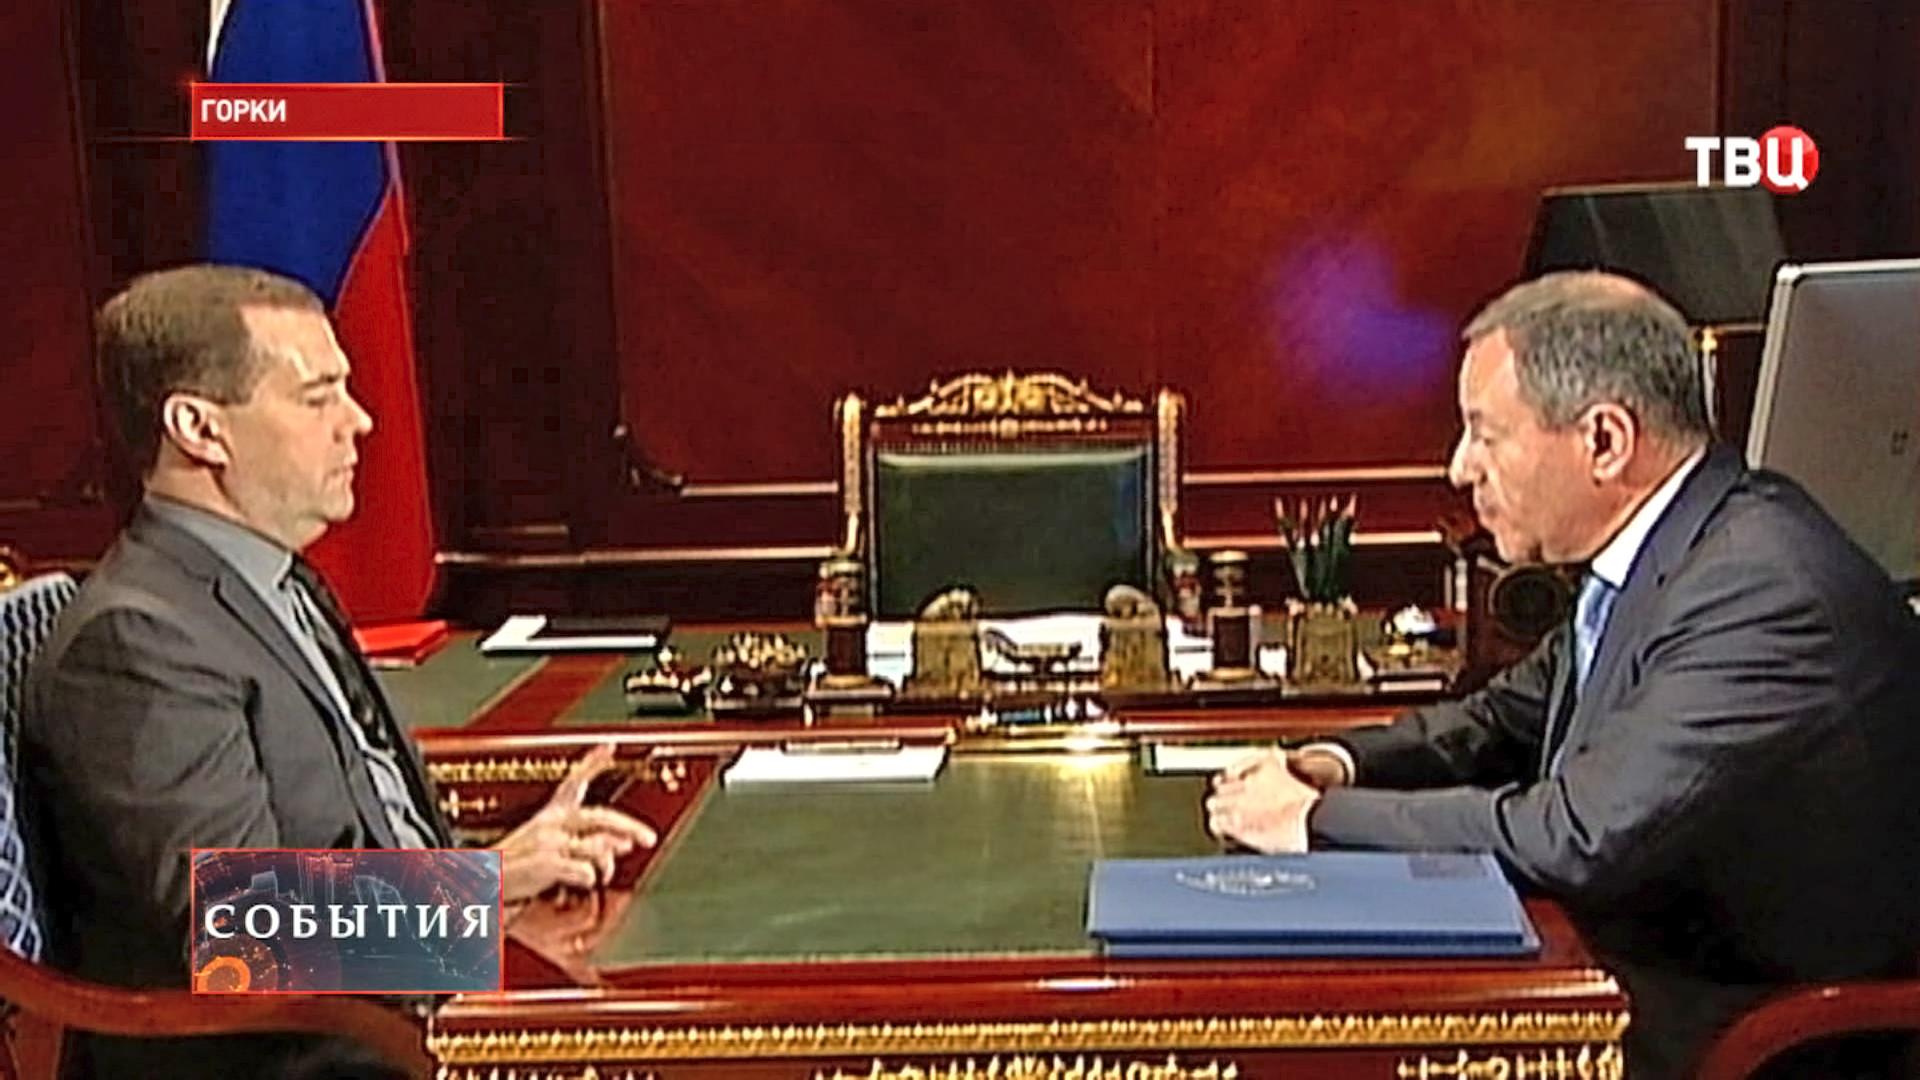 Дмитрий Медведев и руководитель фонда жилищного строительства Александр Браверман